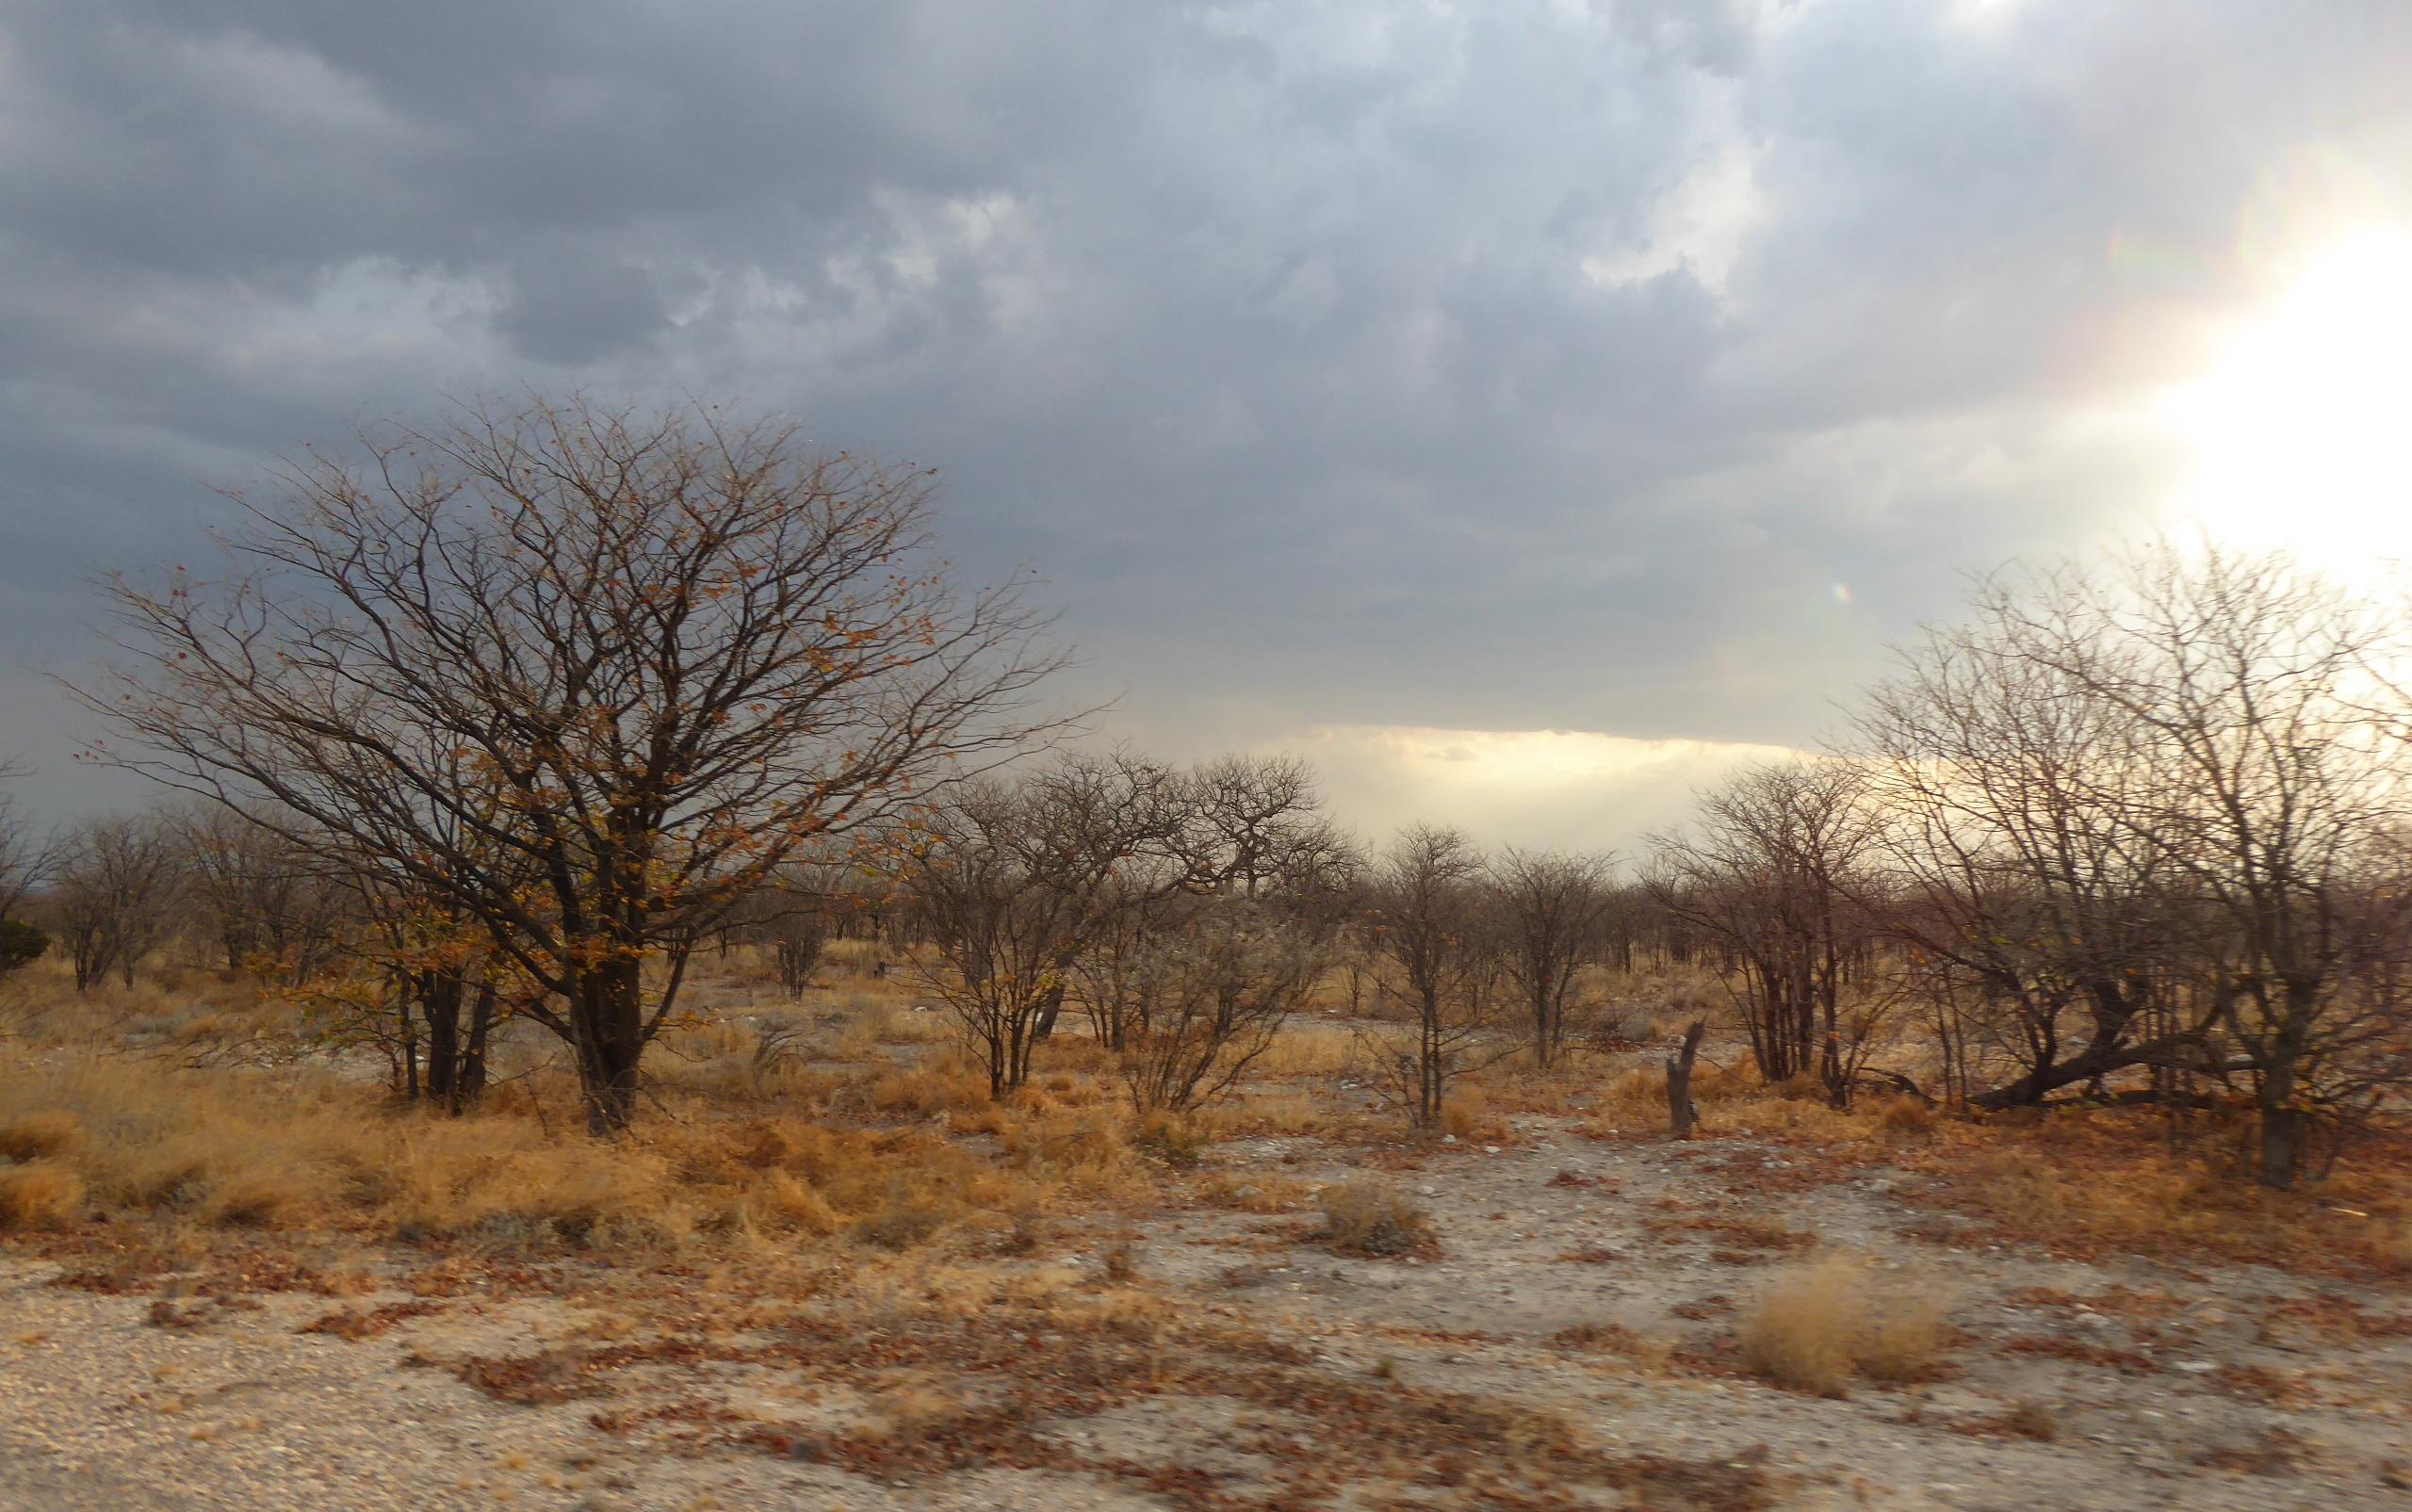 Réserve d'Etosha - Namibie